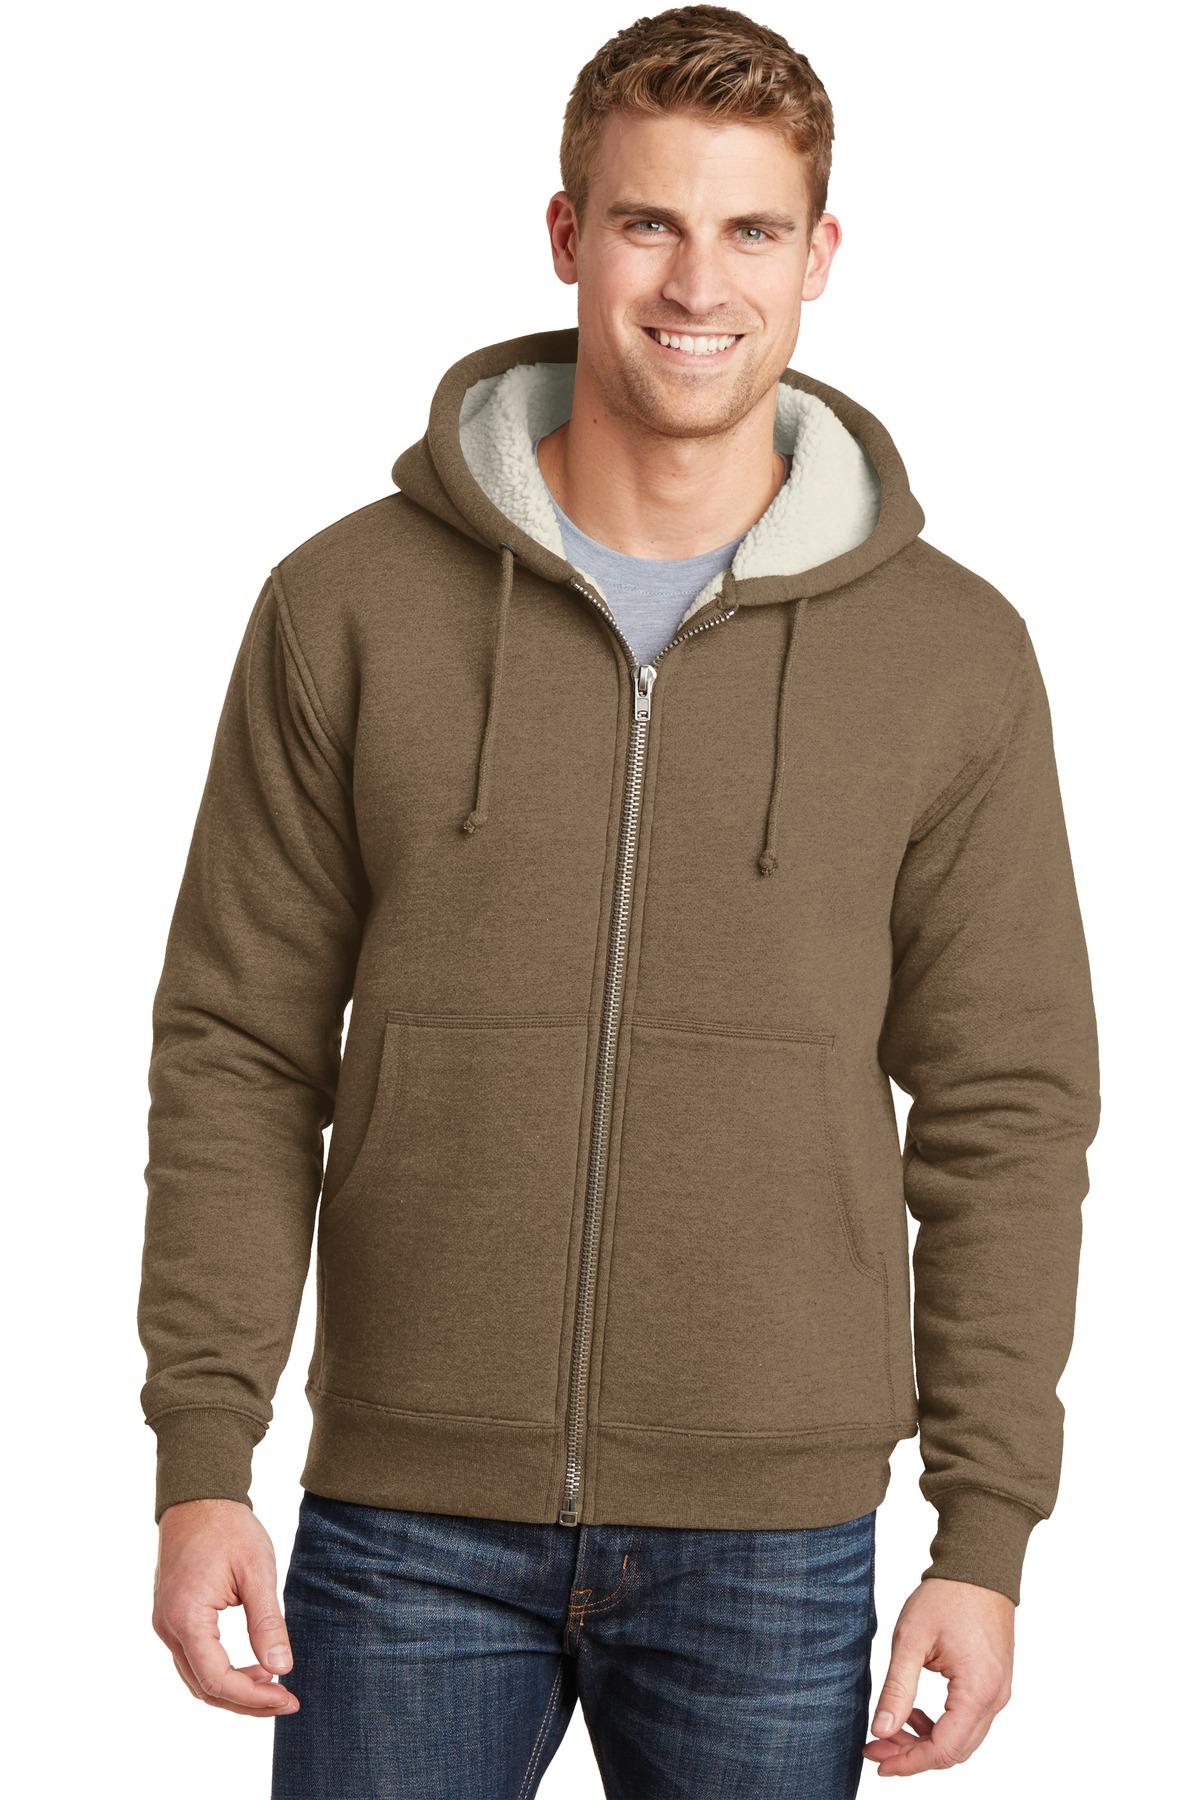 CornerStone  CS625 - Heavyweight Sherpa-Lined Hooded Fleece Jacket